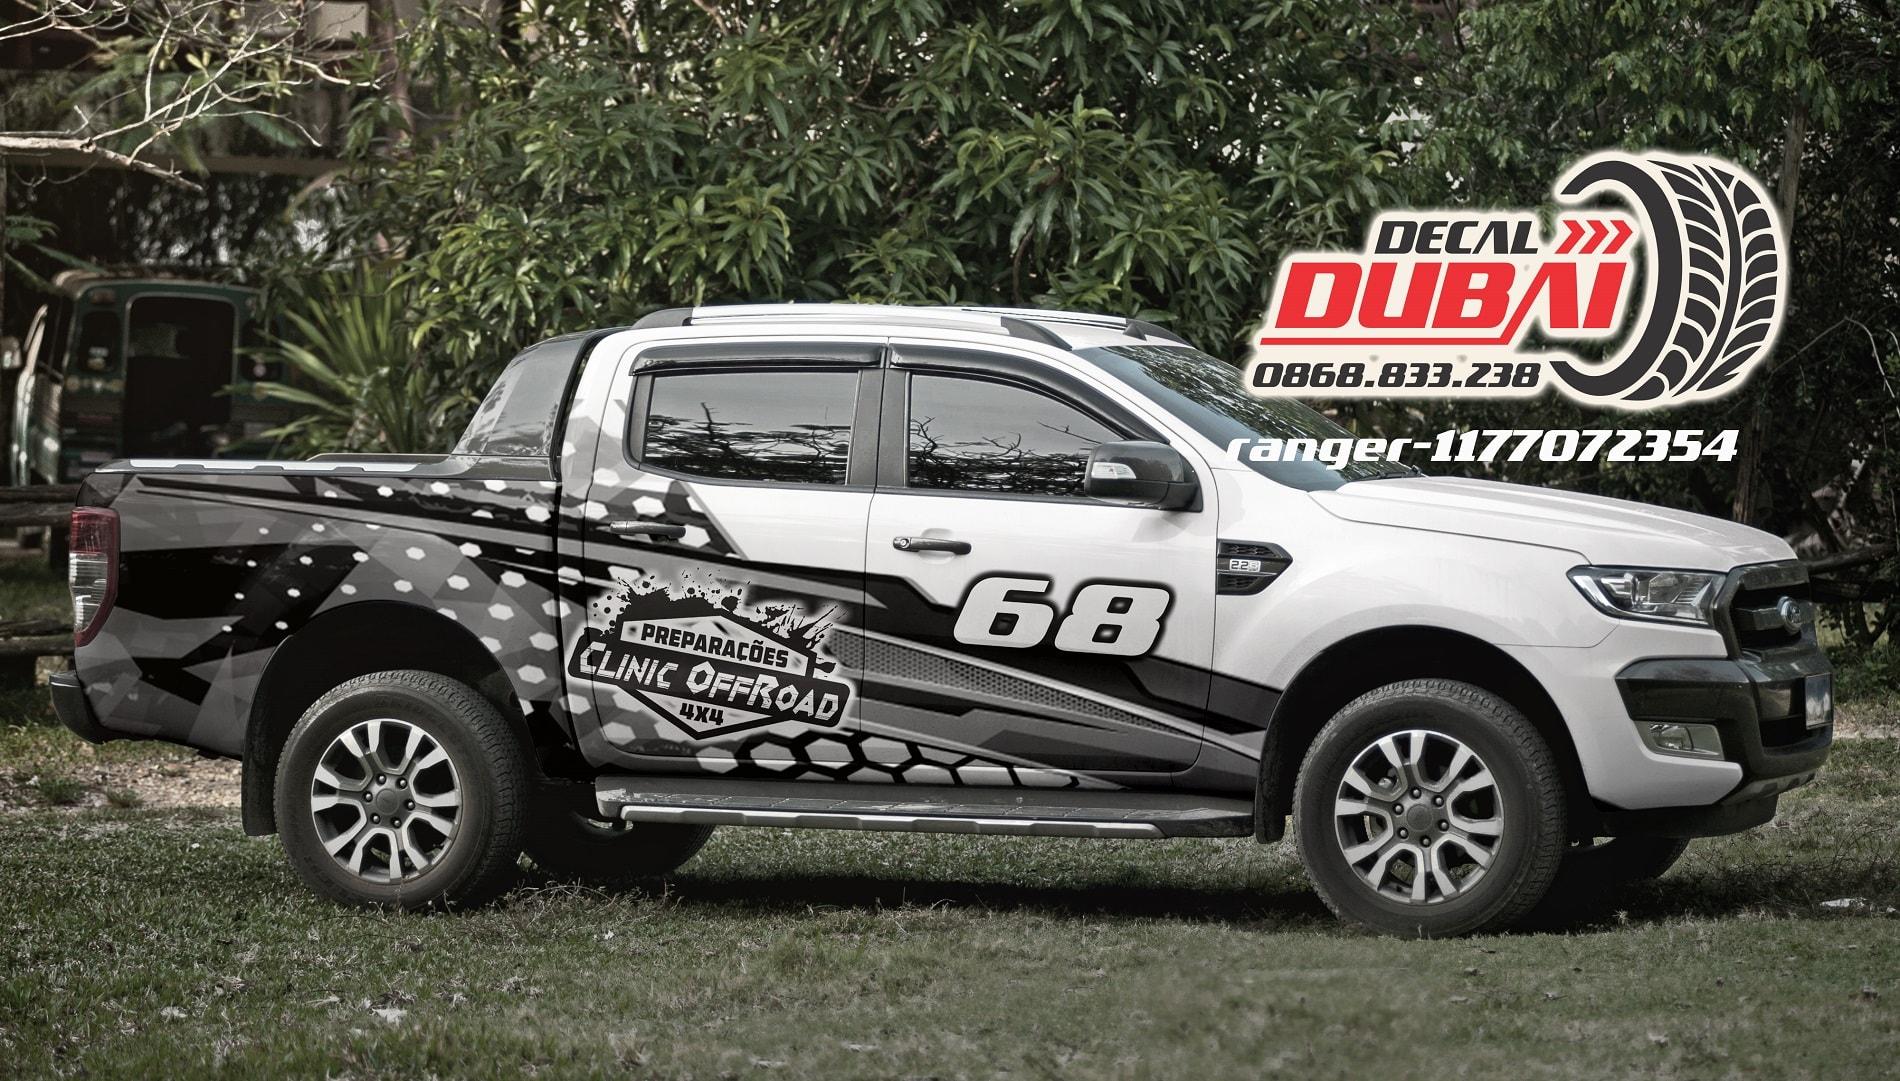 Tem-xe-ranger-1177072354-2200k-min